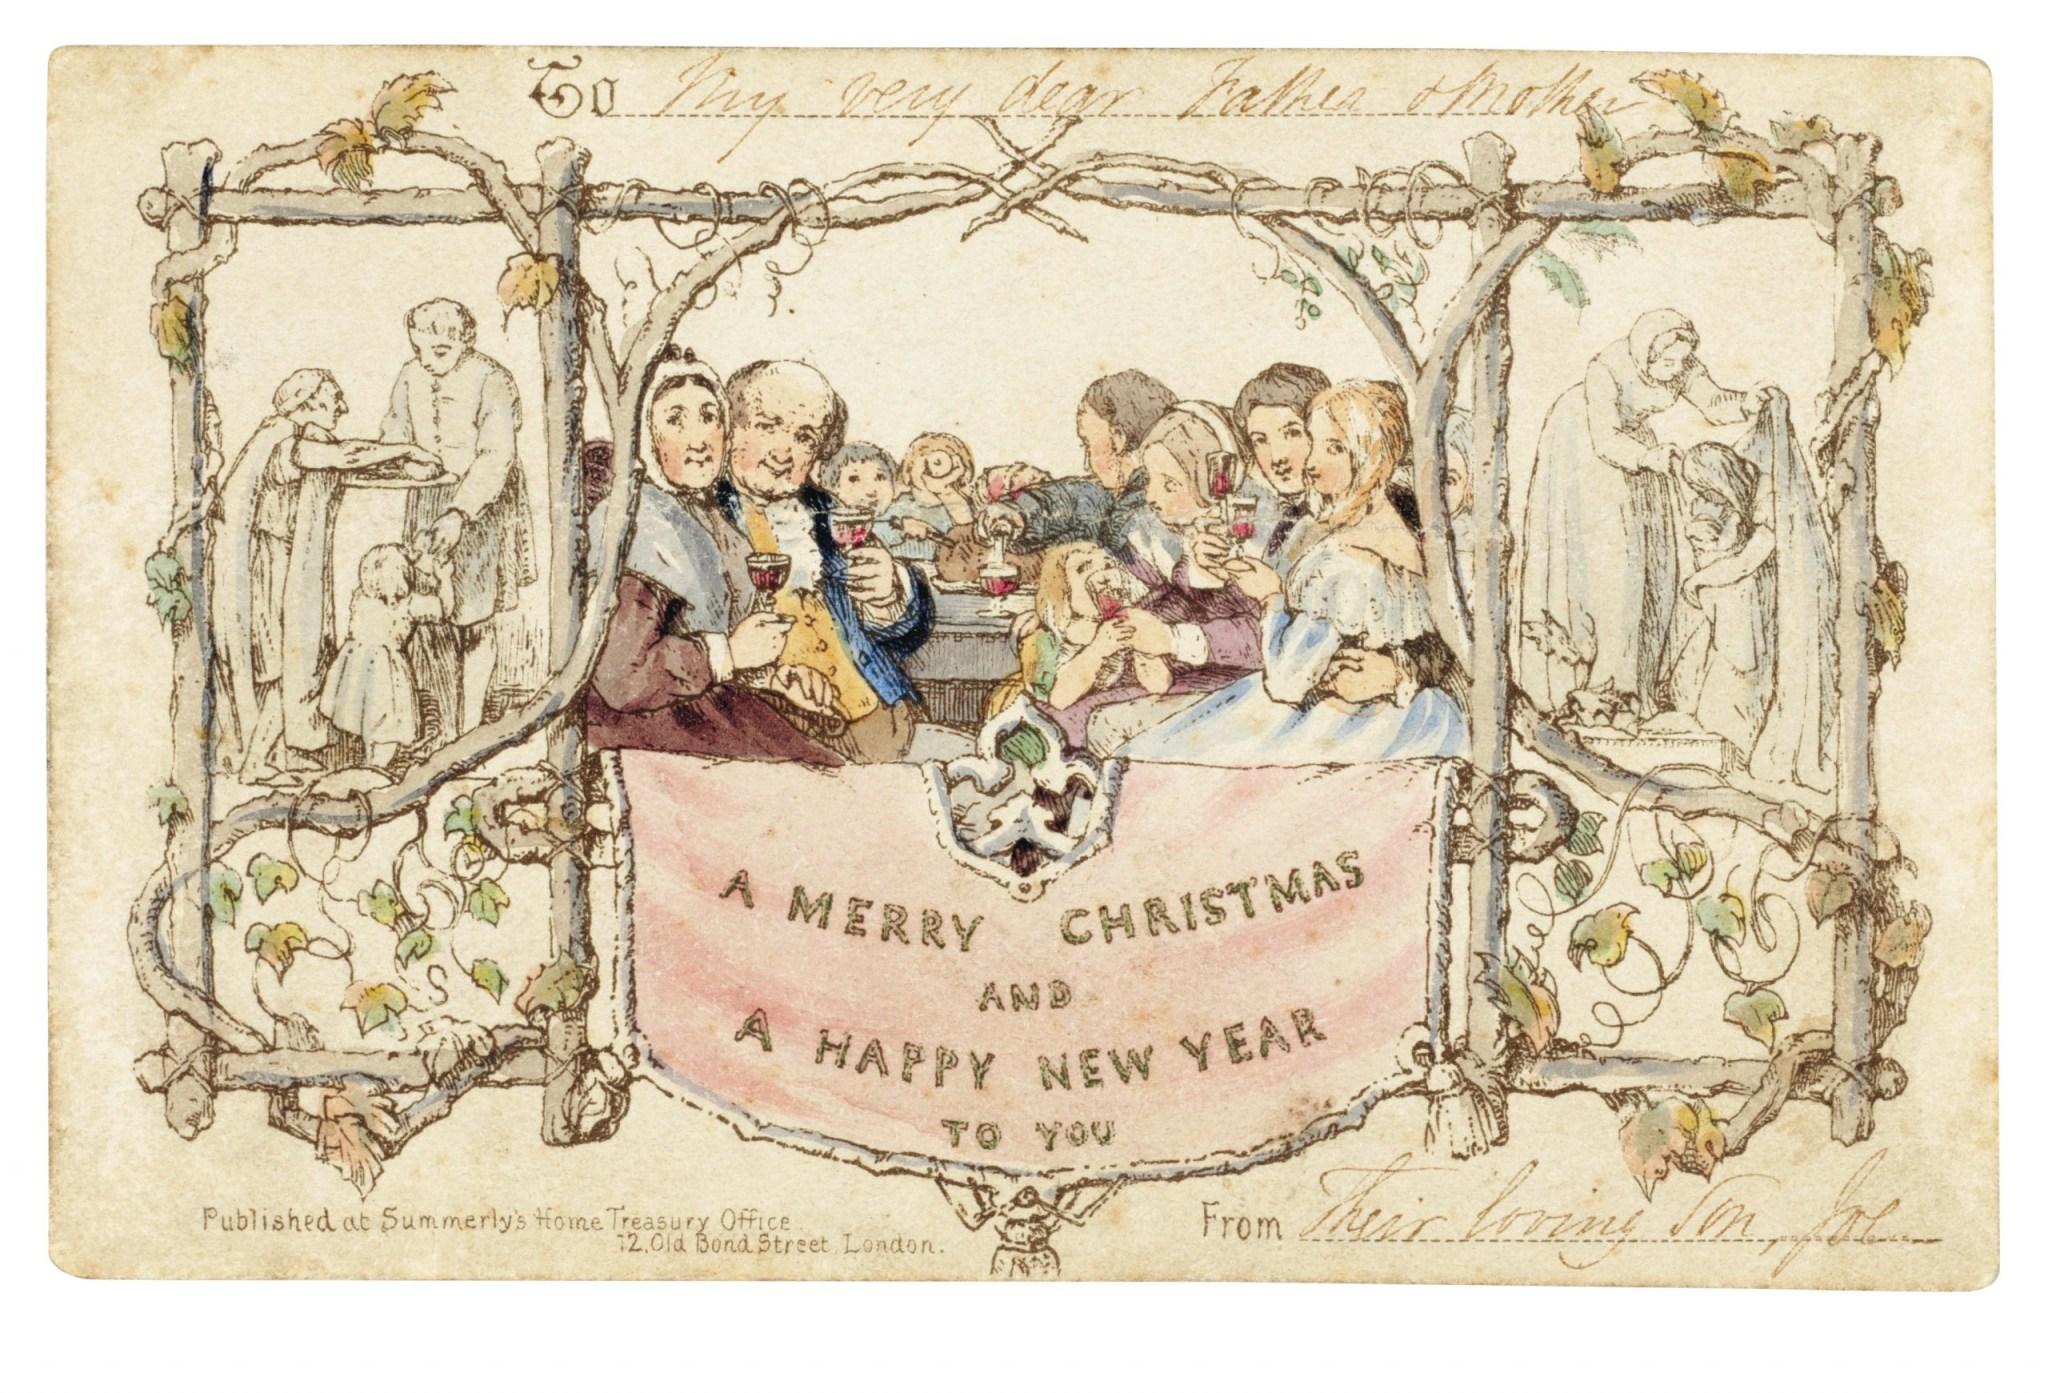 В Лондоне на аукционе продали первую коммерческую рождественскую открытку. На ней мать поит ребенка вином